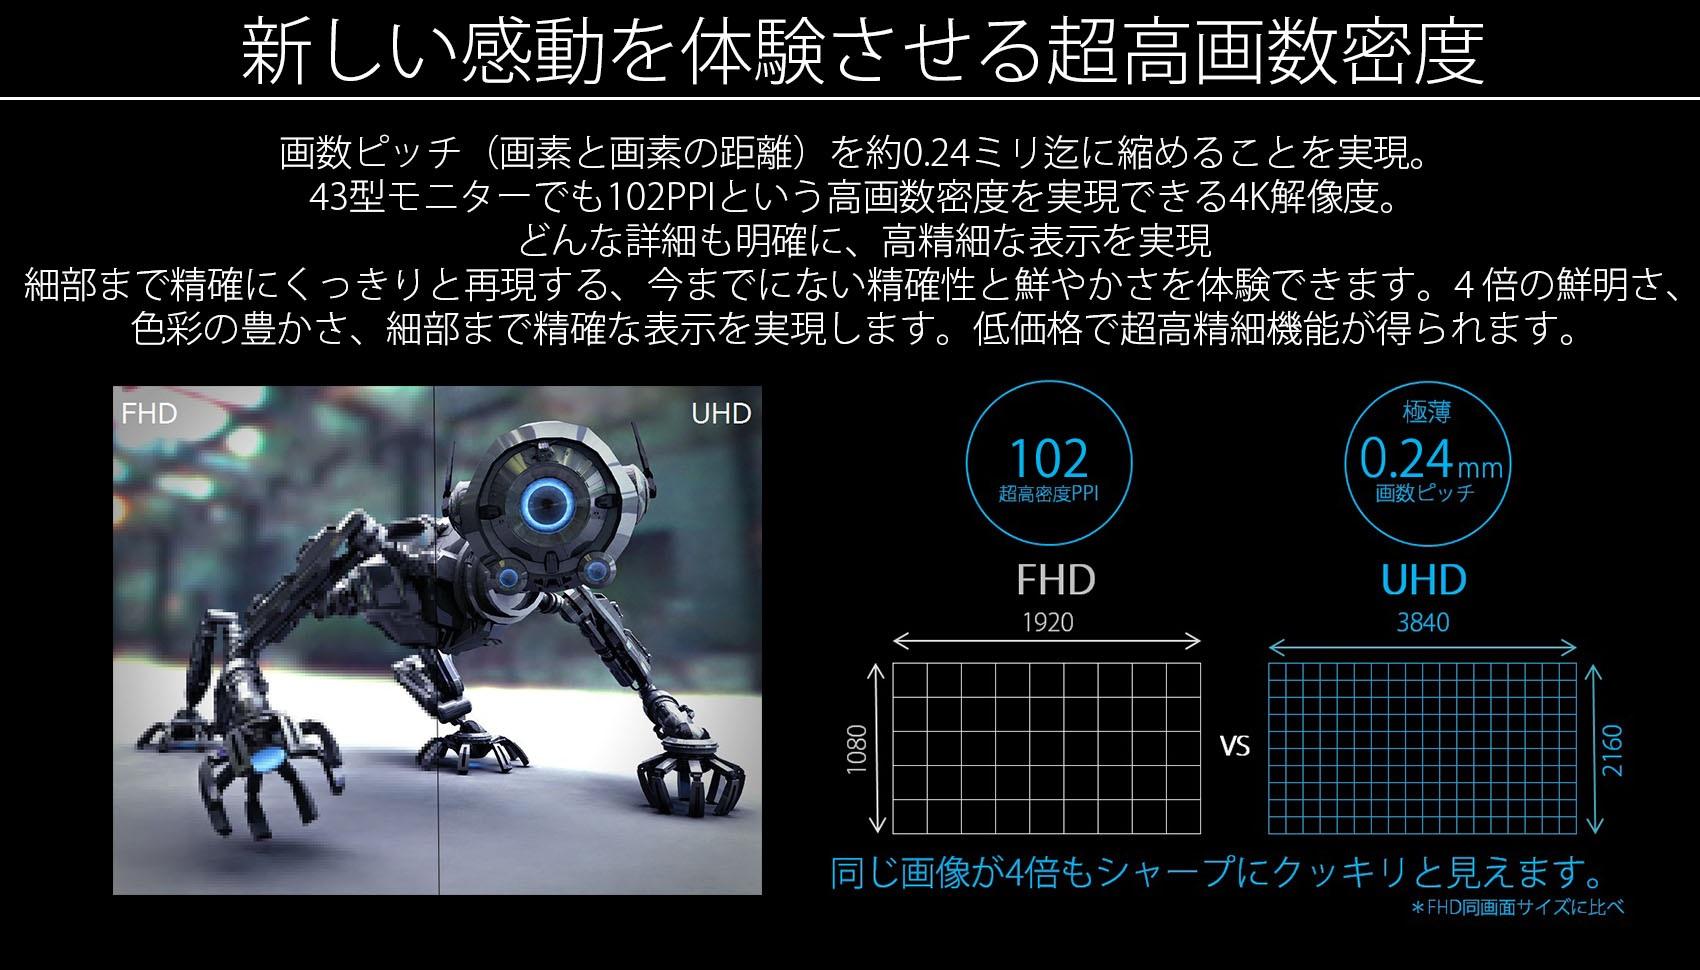 新しい感動を体験させる超高画数密度。画数ピッチ(画素と画素の距離)を75型で約0.43mm 迄に縮めることを実現。75型モニターでも50PPIという大型画面でも高画数密度を実現できる4K解像度。